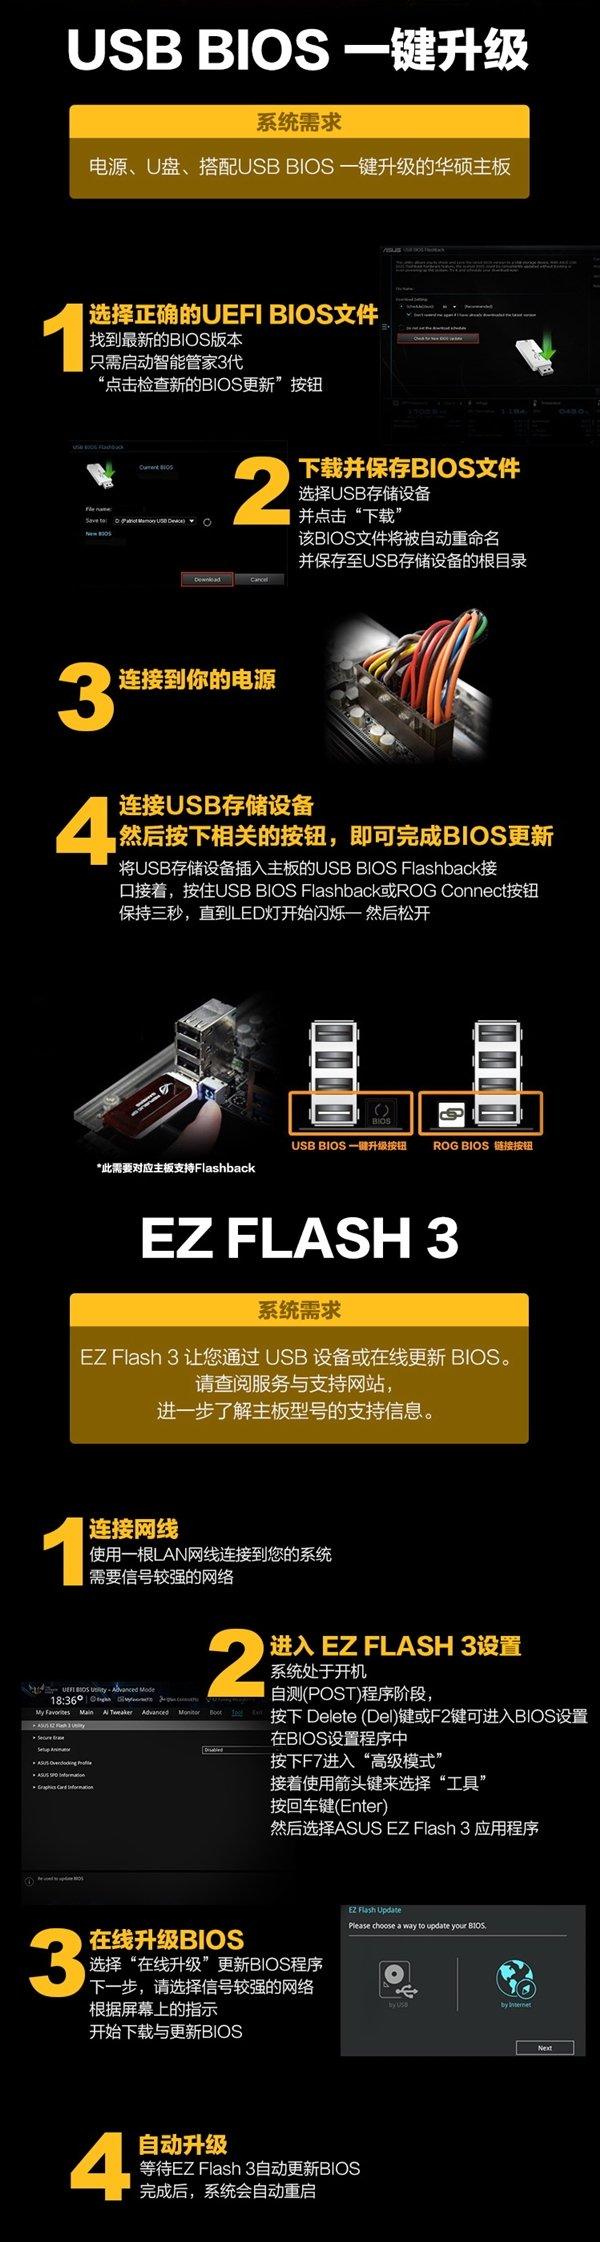 华硕AM4主板全部支持三代锐龙:400系解锁PCIe 4.0